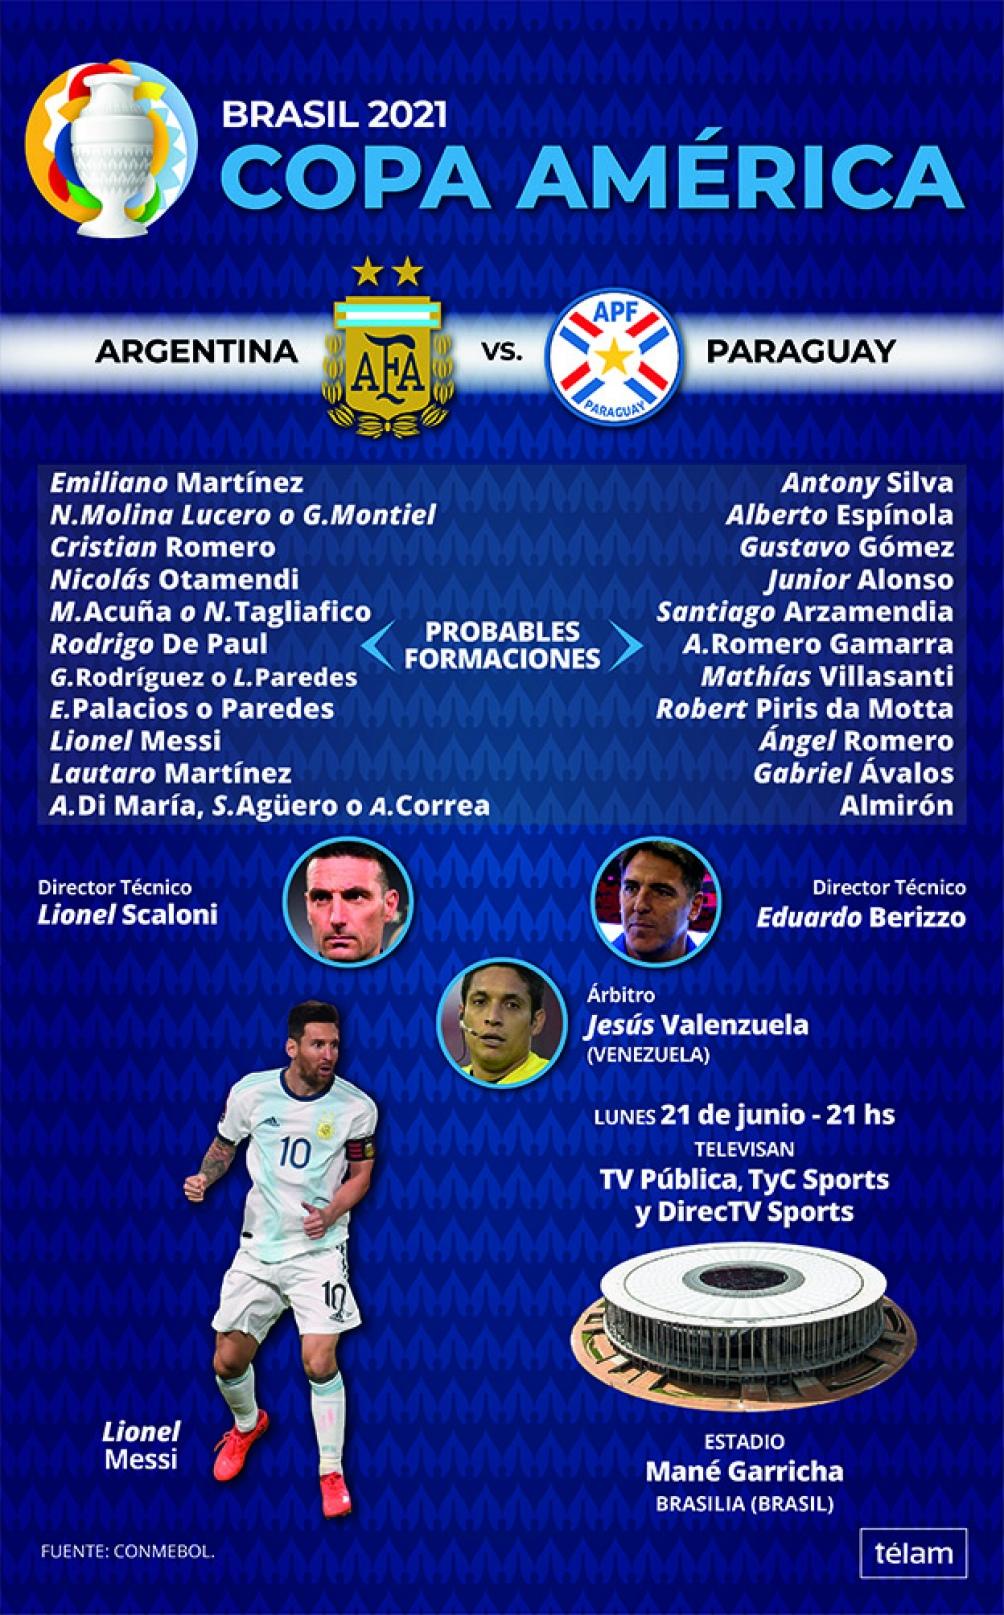 Con un Lionel Messi influyente, Argentina llega de vencer a Uruguay, que dejó buenas sensaciones por la superioridad establecida ante un rival de reconocida jerarquía.